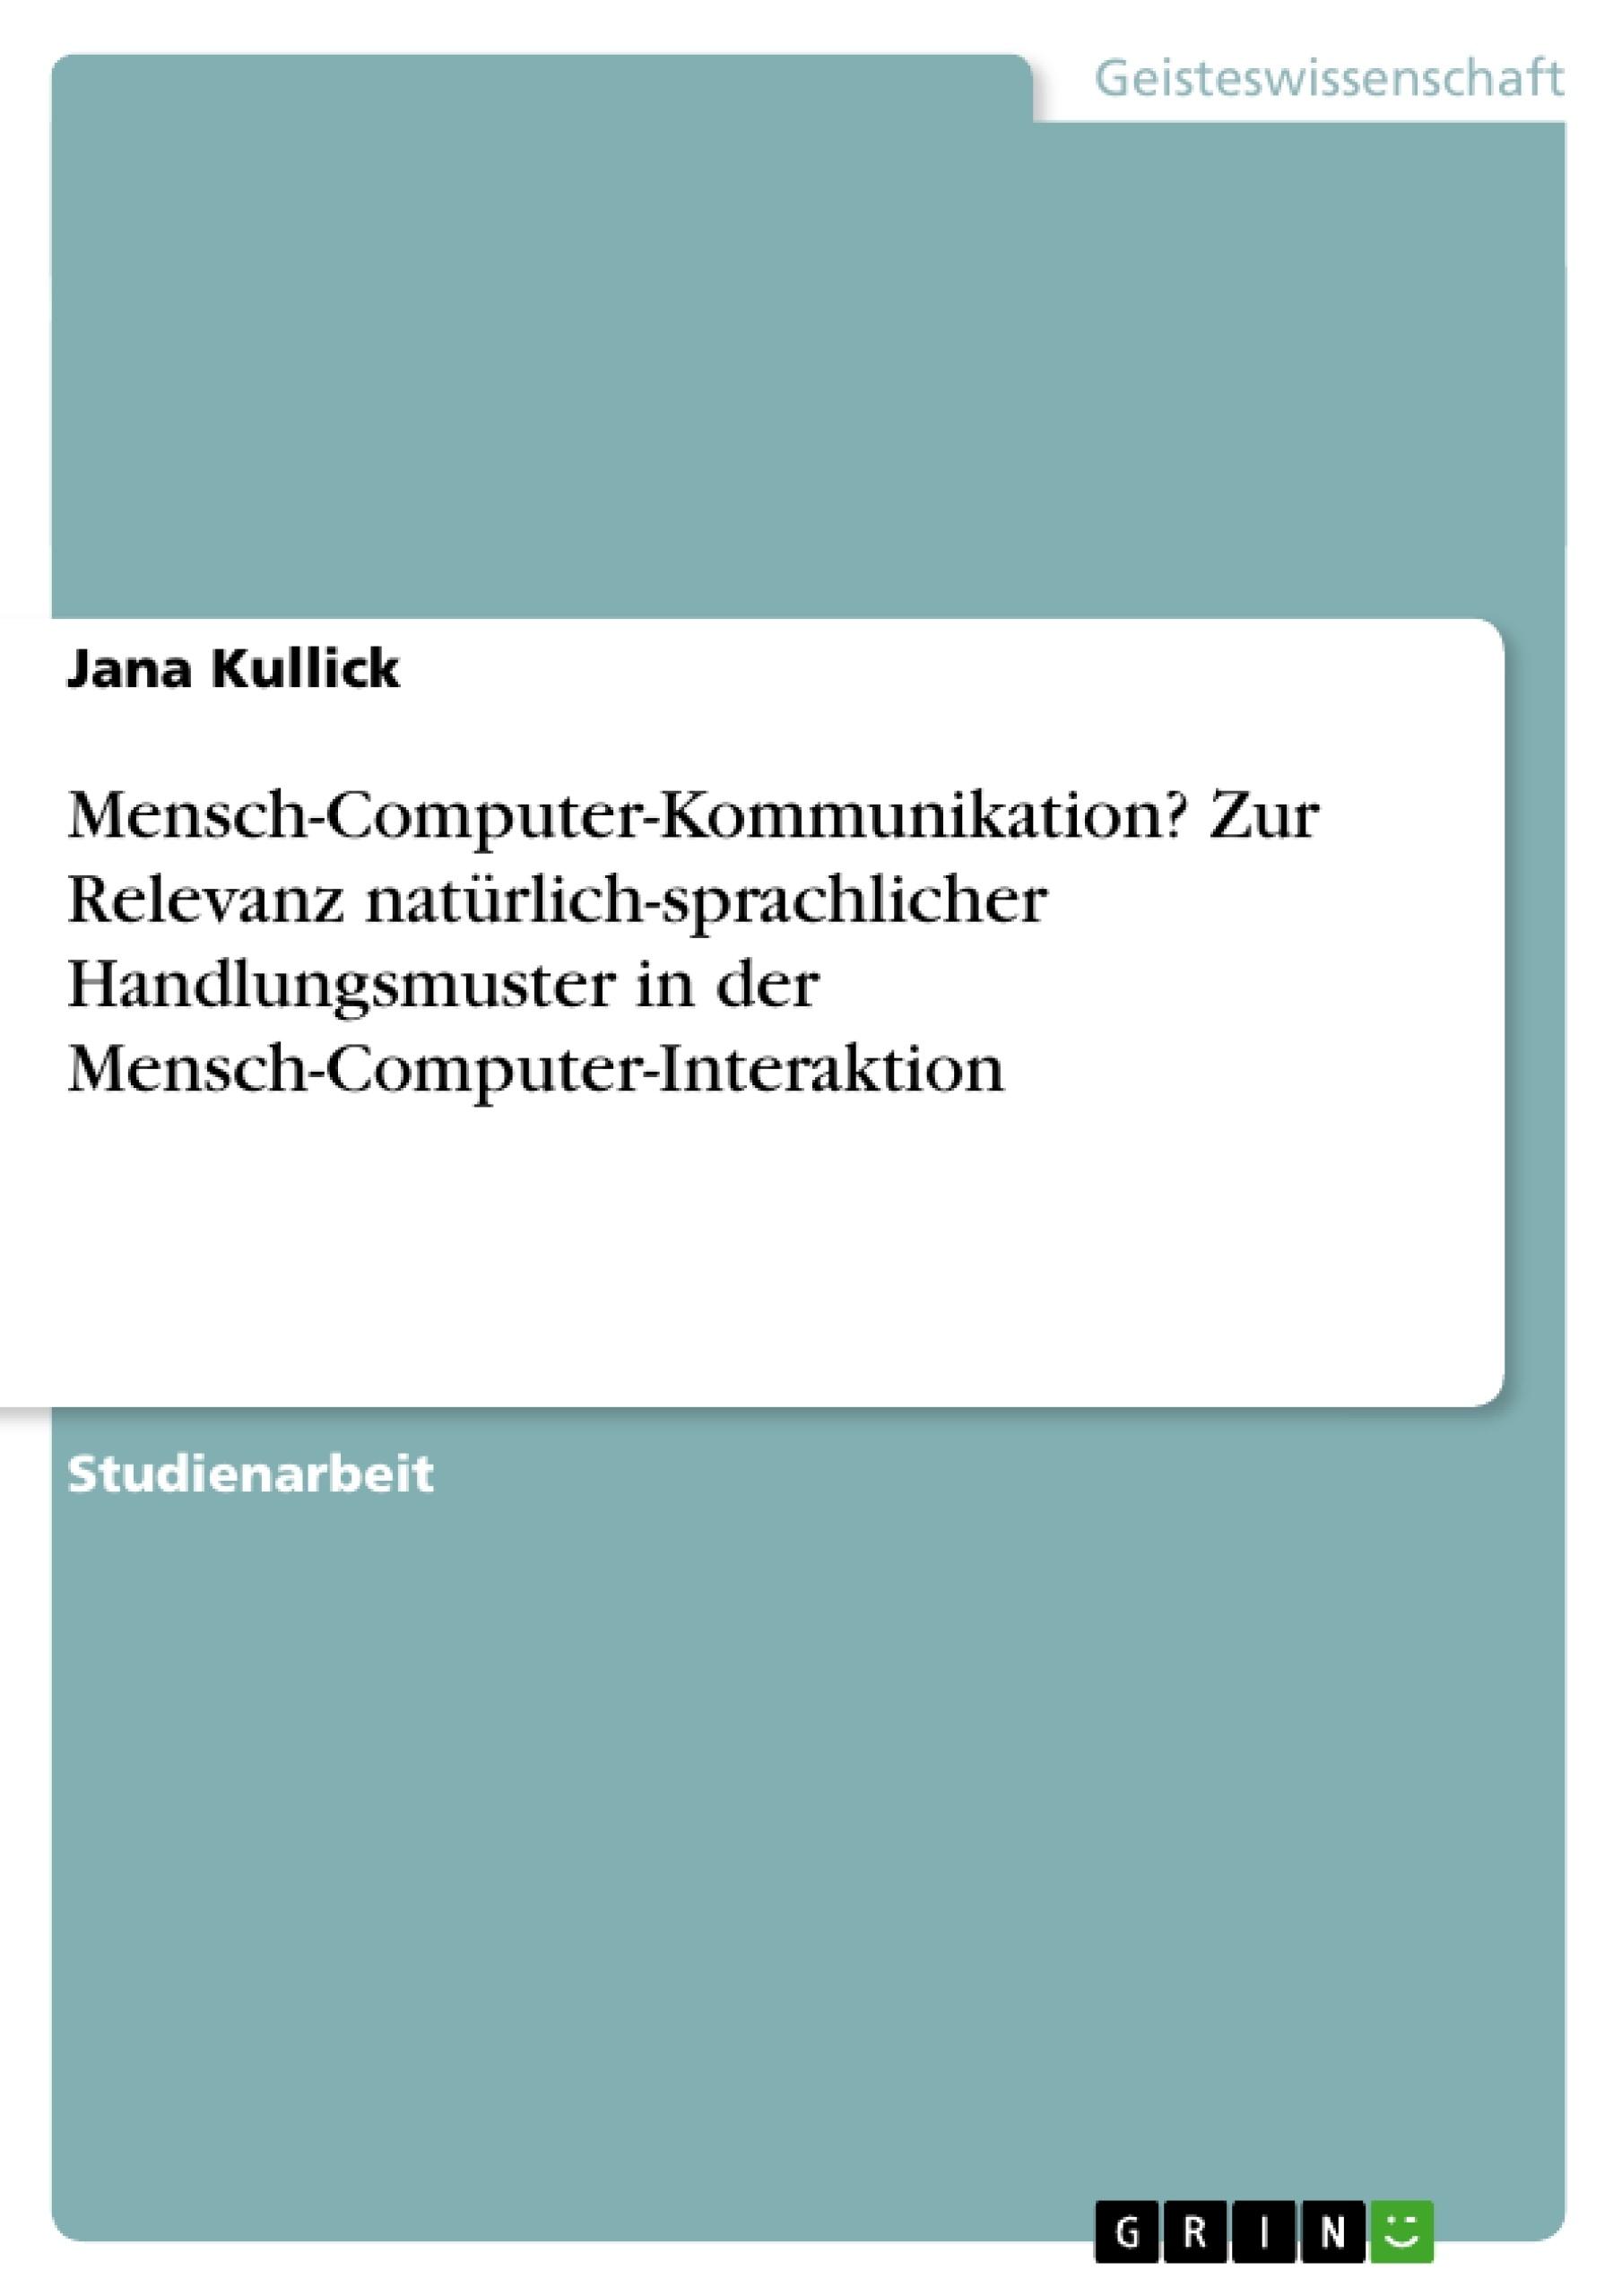 Titel: Mensch-Computer-Kommunikation? Zur Relevanz natürlich-sprachlicher Handlungsmuster in der Mensch-Computer-Interaktion